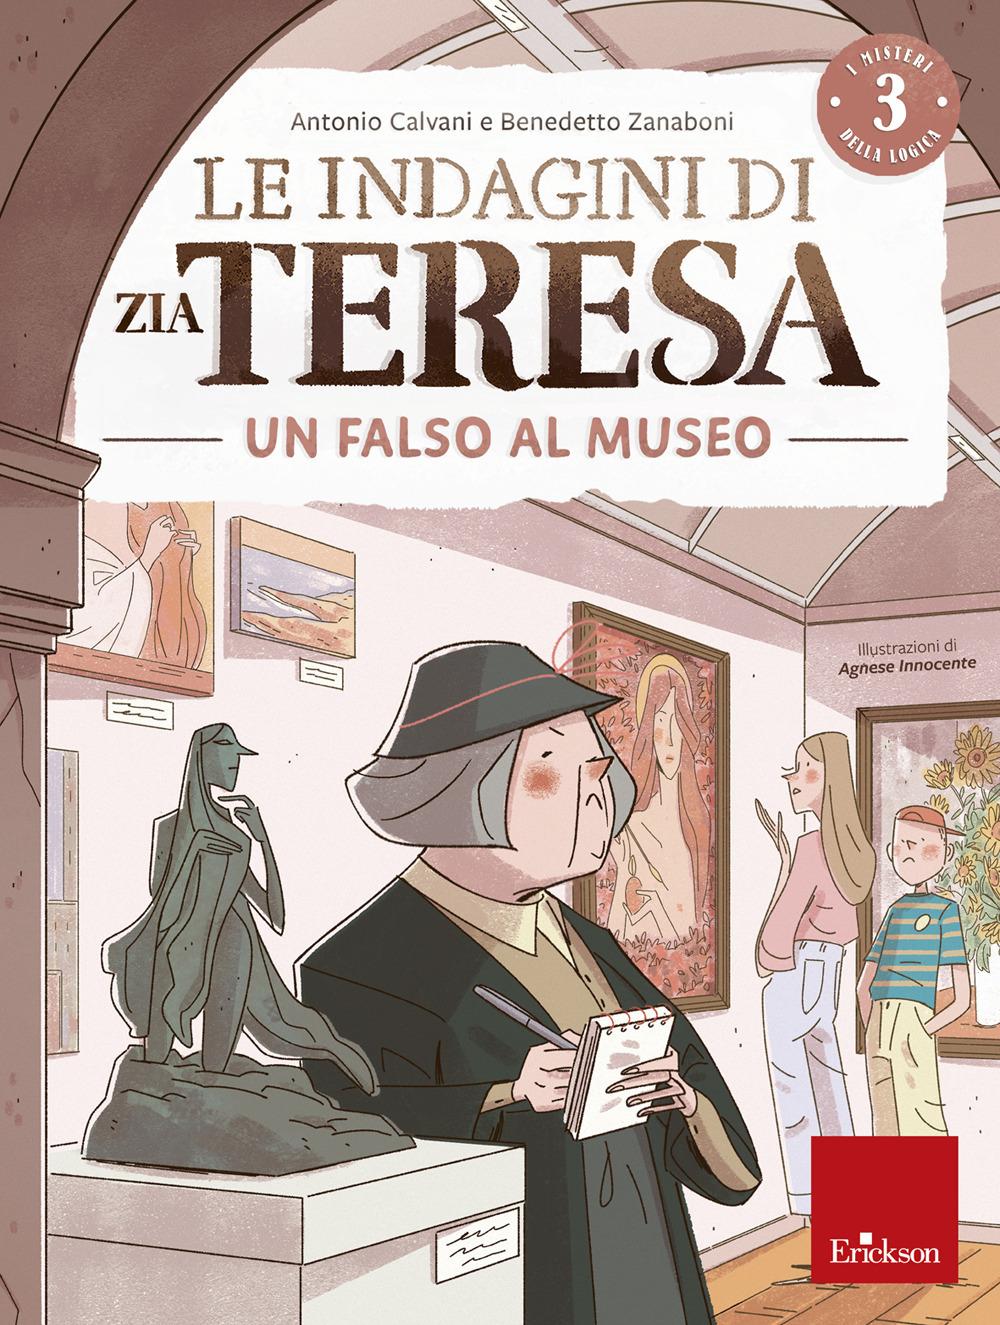 Le indagini di zia Teresa. I misteri della logica. Vol. 3: Falso museo